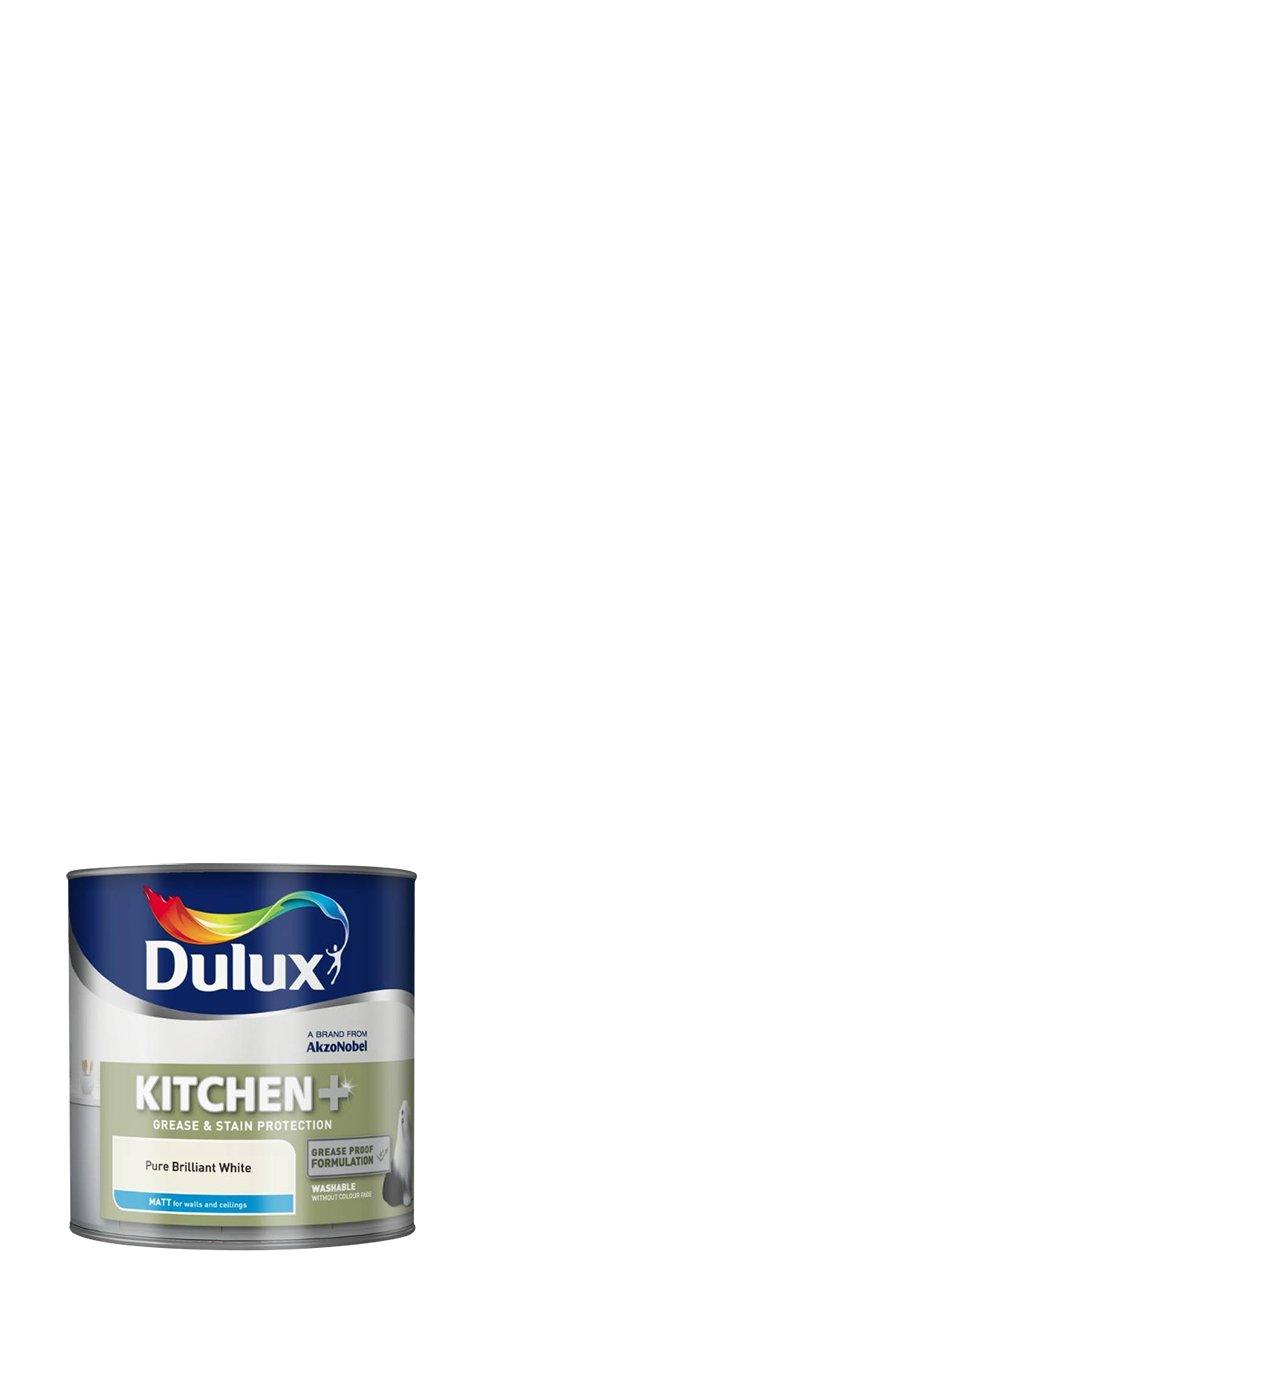 Dulux kitchen plus matt paint 2 5 l white pure brilliant for Kitchen paint colors dulux